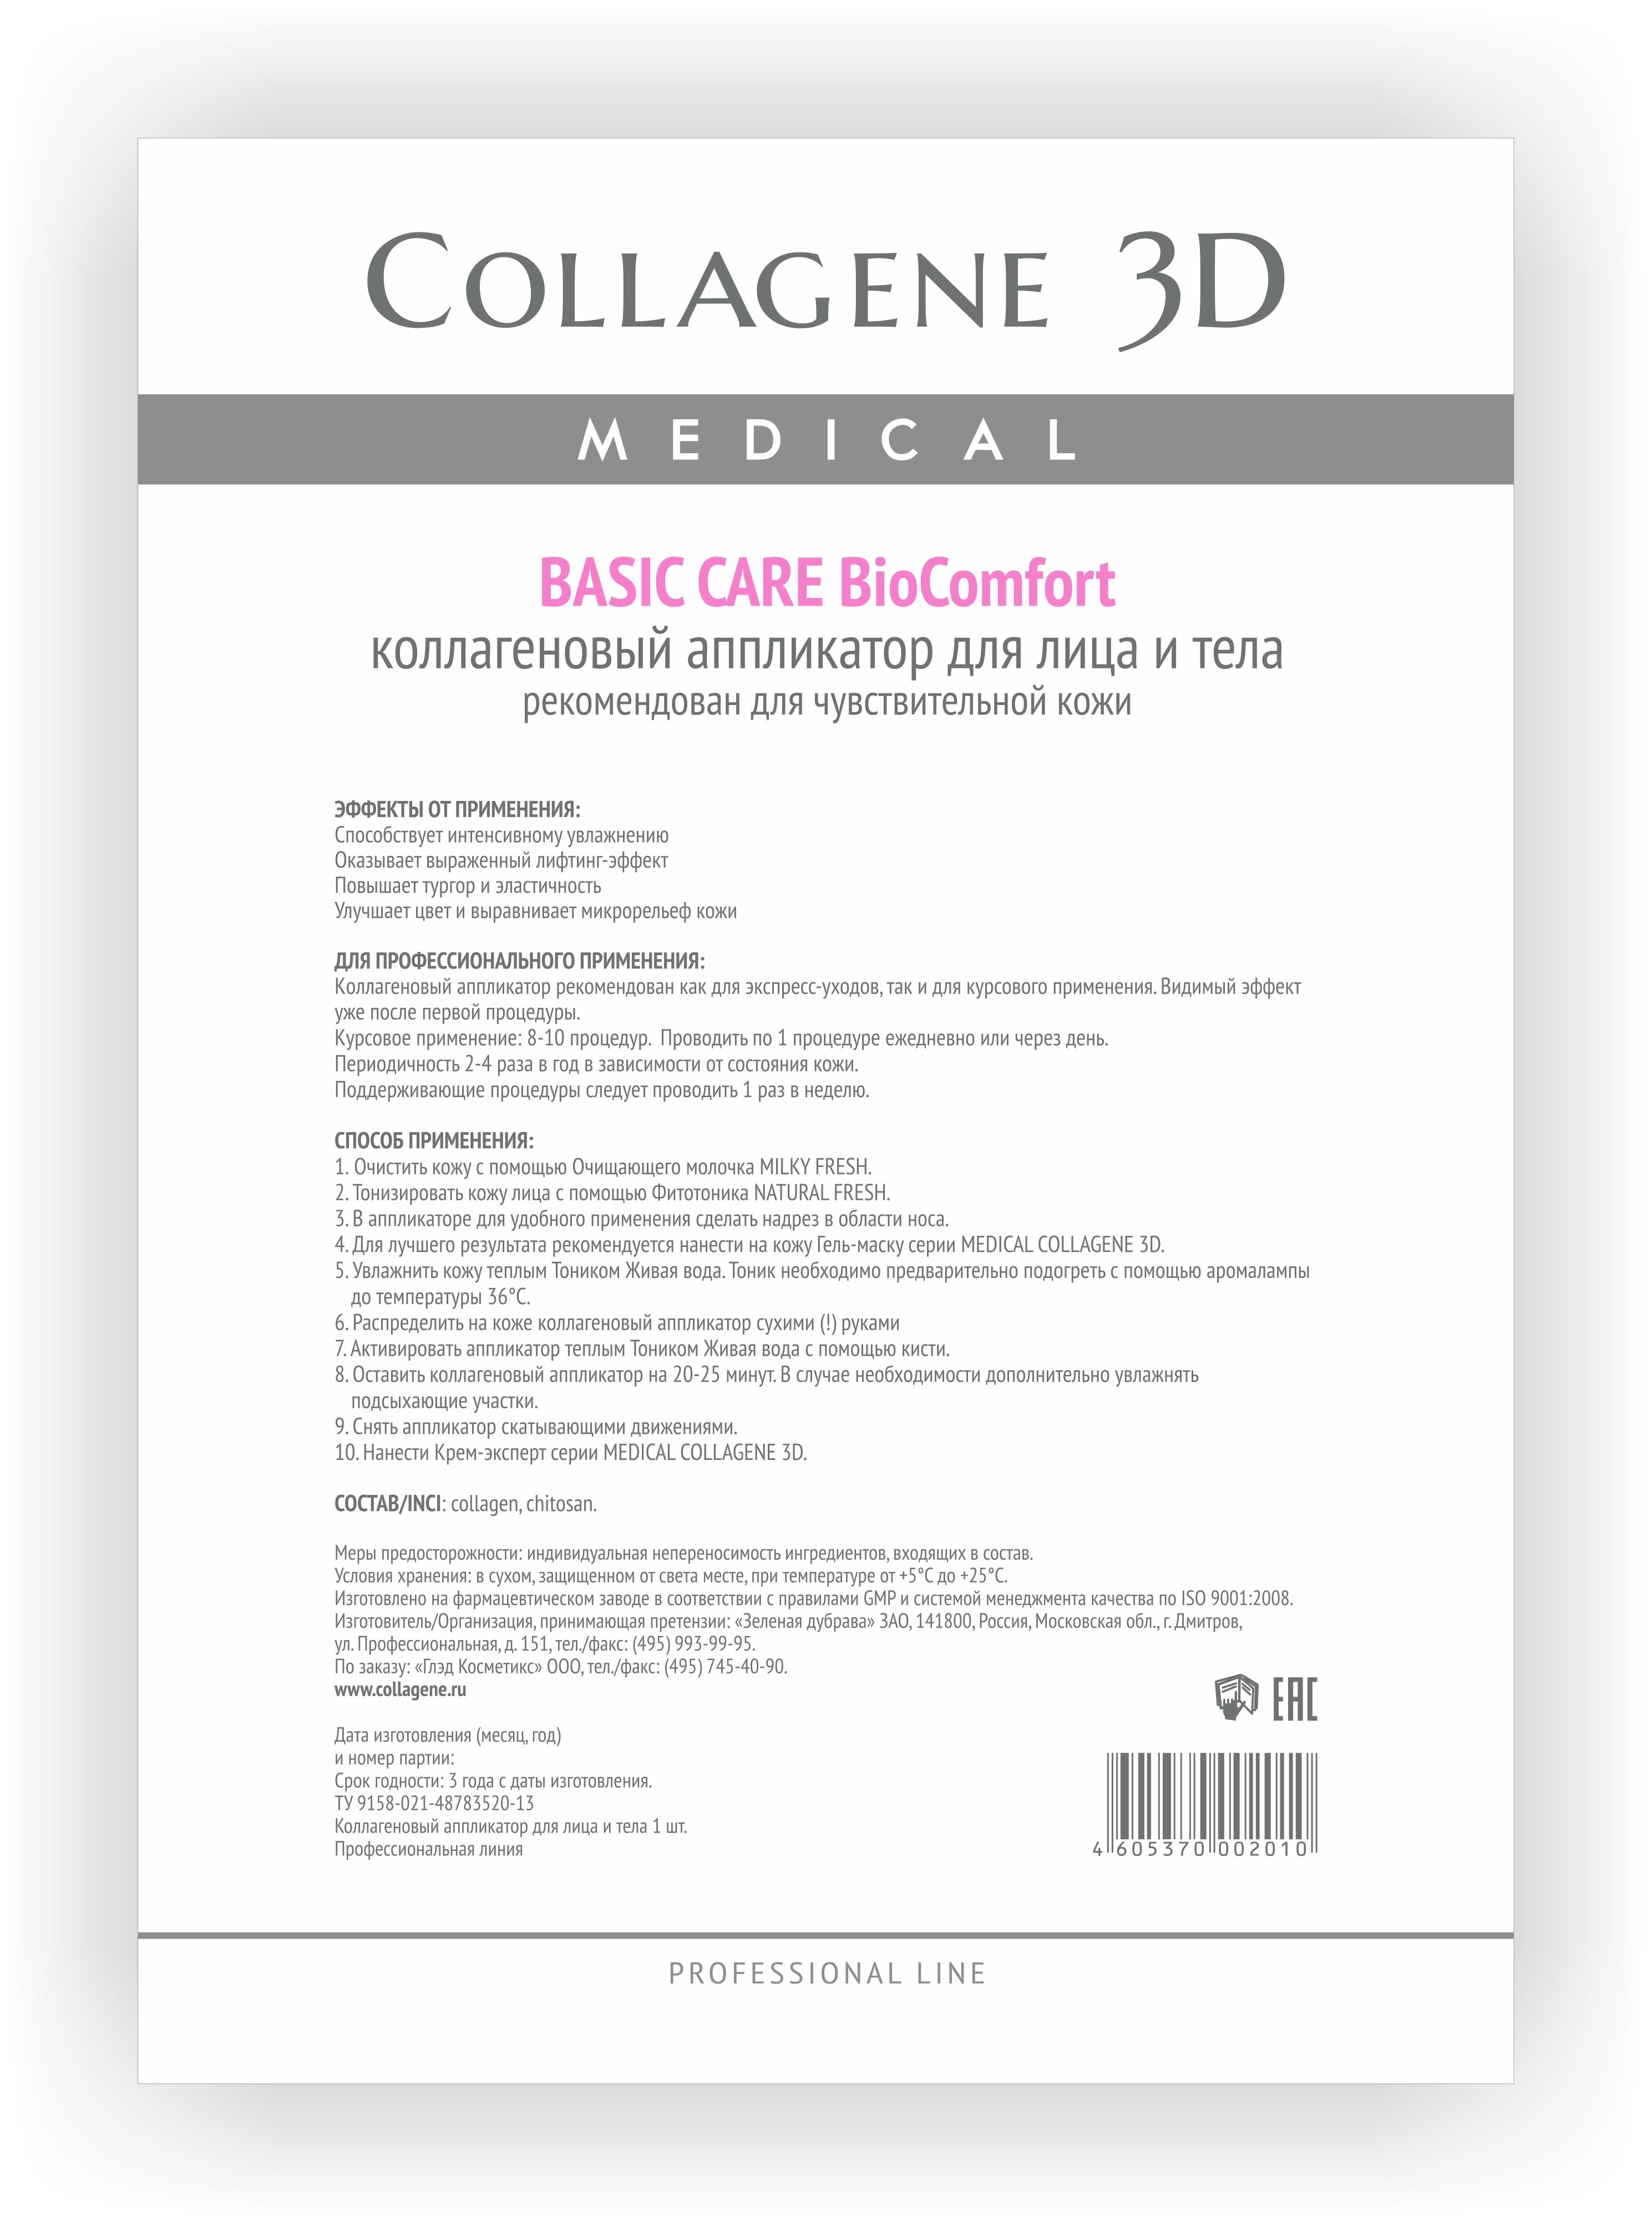 Аппликатор коллагеновый чистый коллаген для лица и тела / Basic Care А4